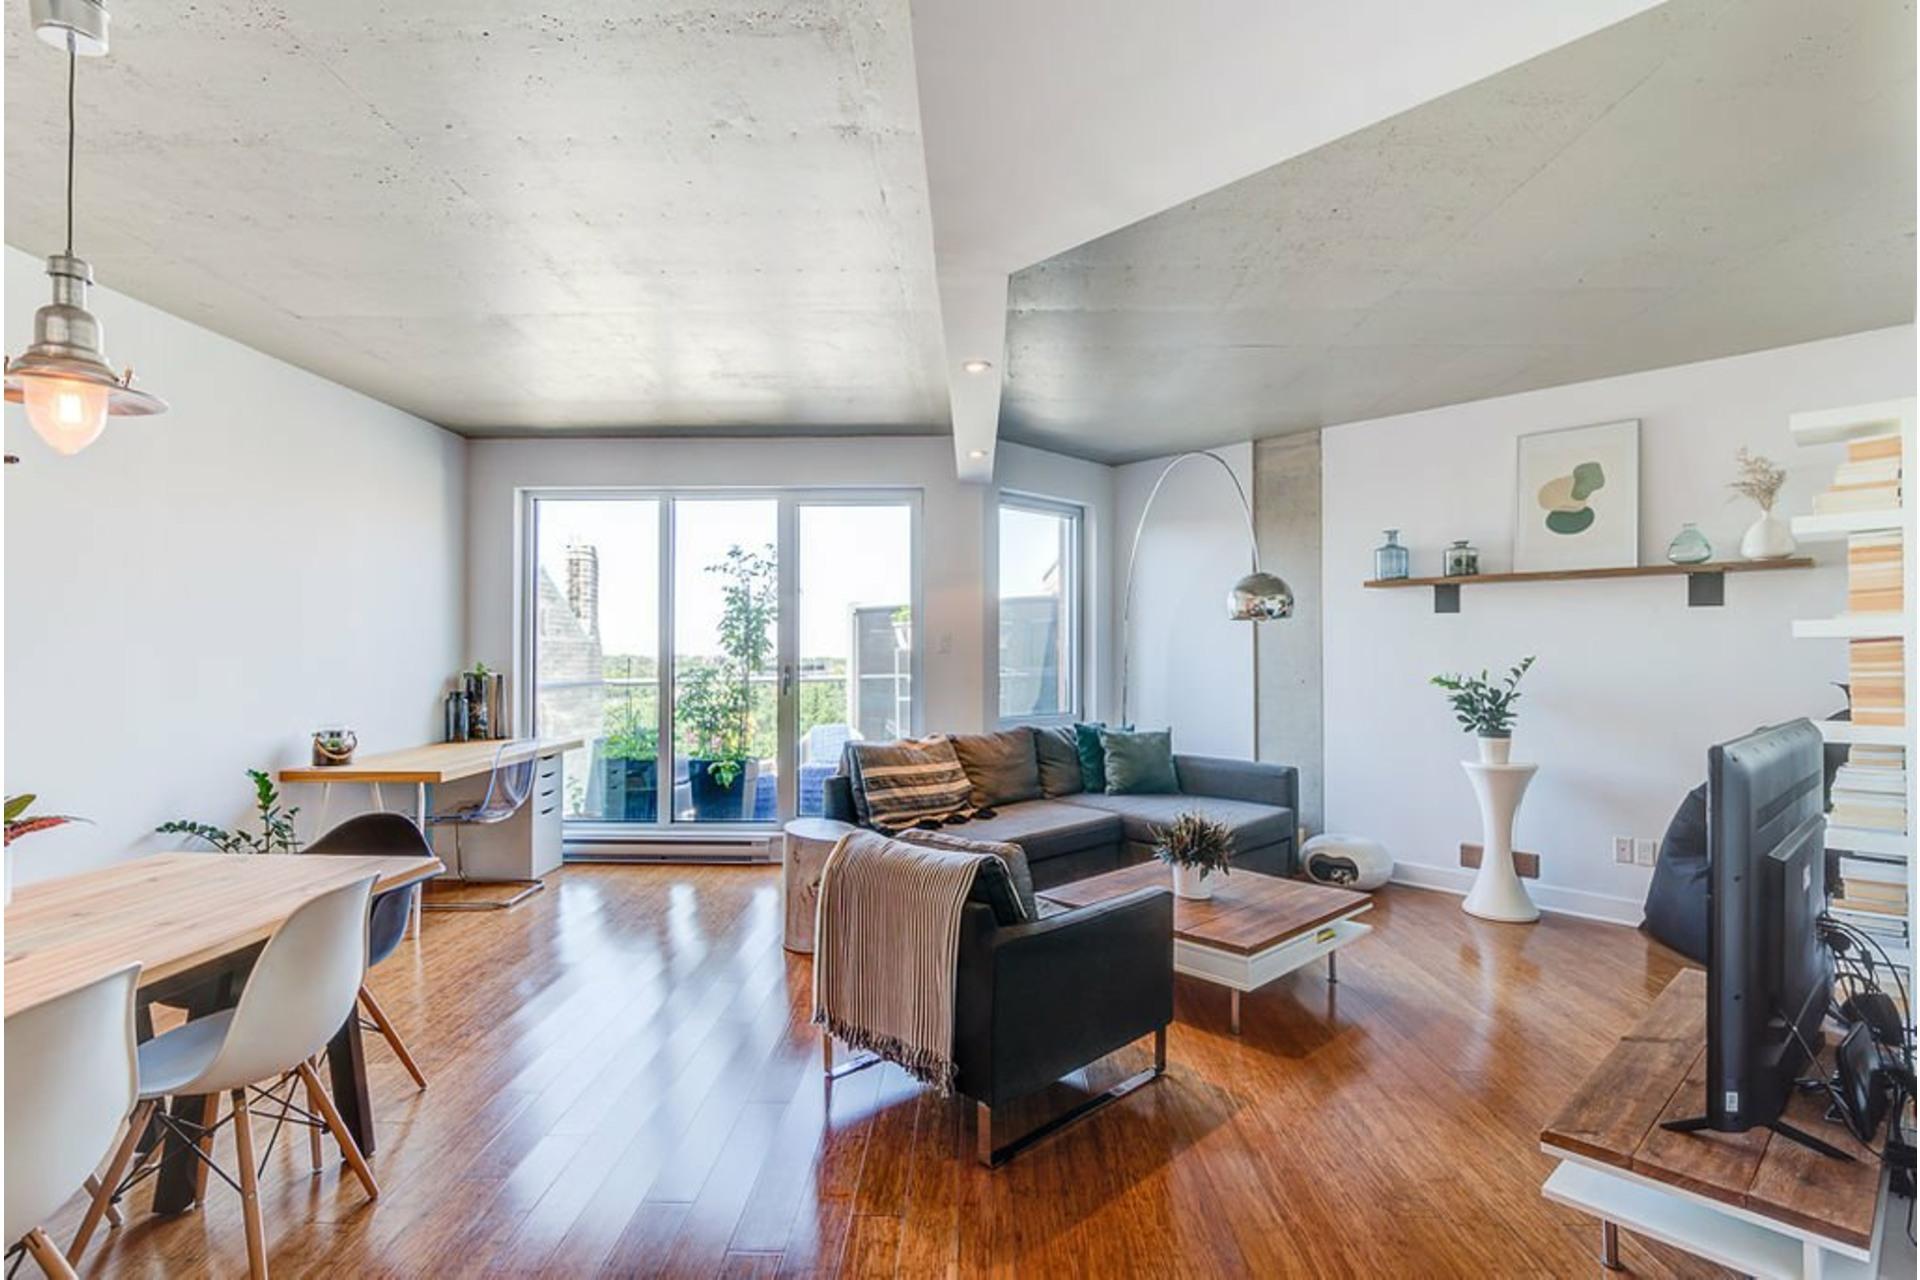 image 3 - Apartment For sale Villeray/Saint-Michel/Parc-Extension Montréal  - 4 rooms